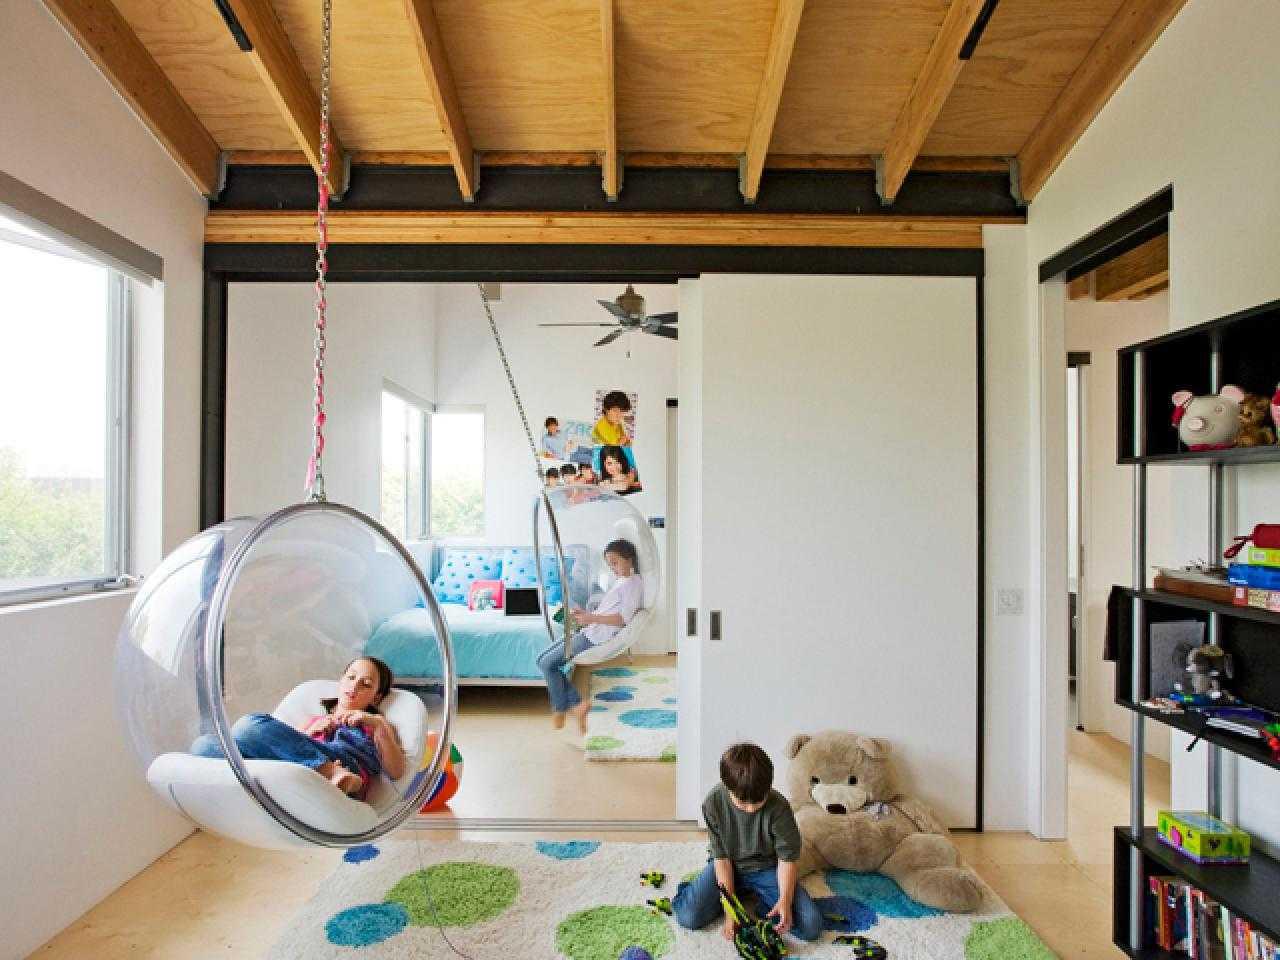 Idee decoration chambre petit garcon - Idee deco chambre garcon ...